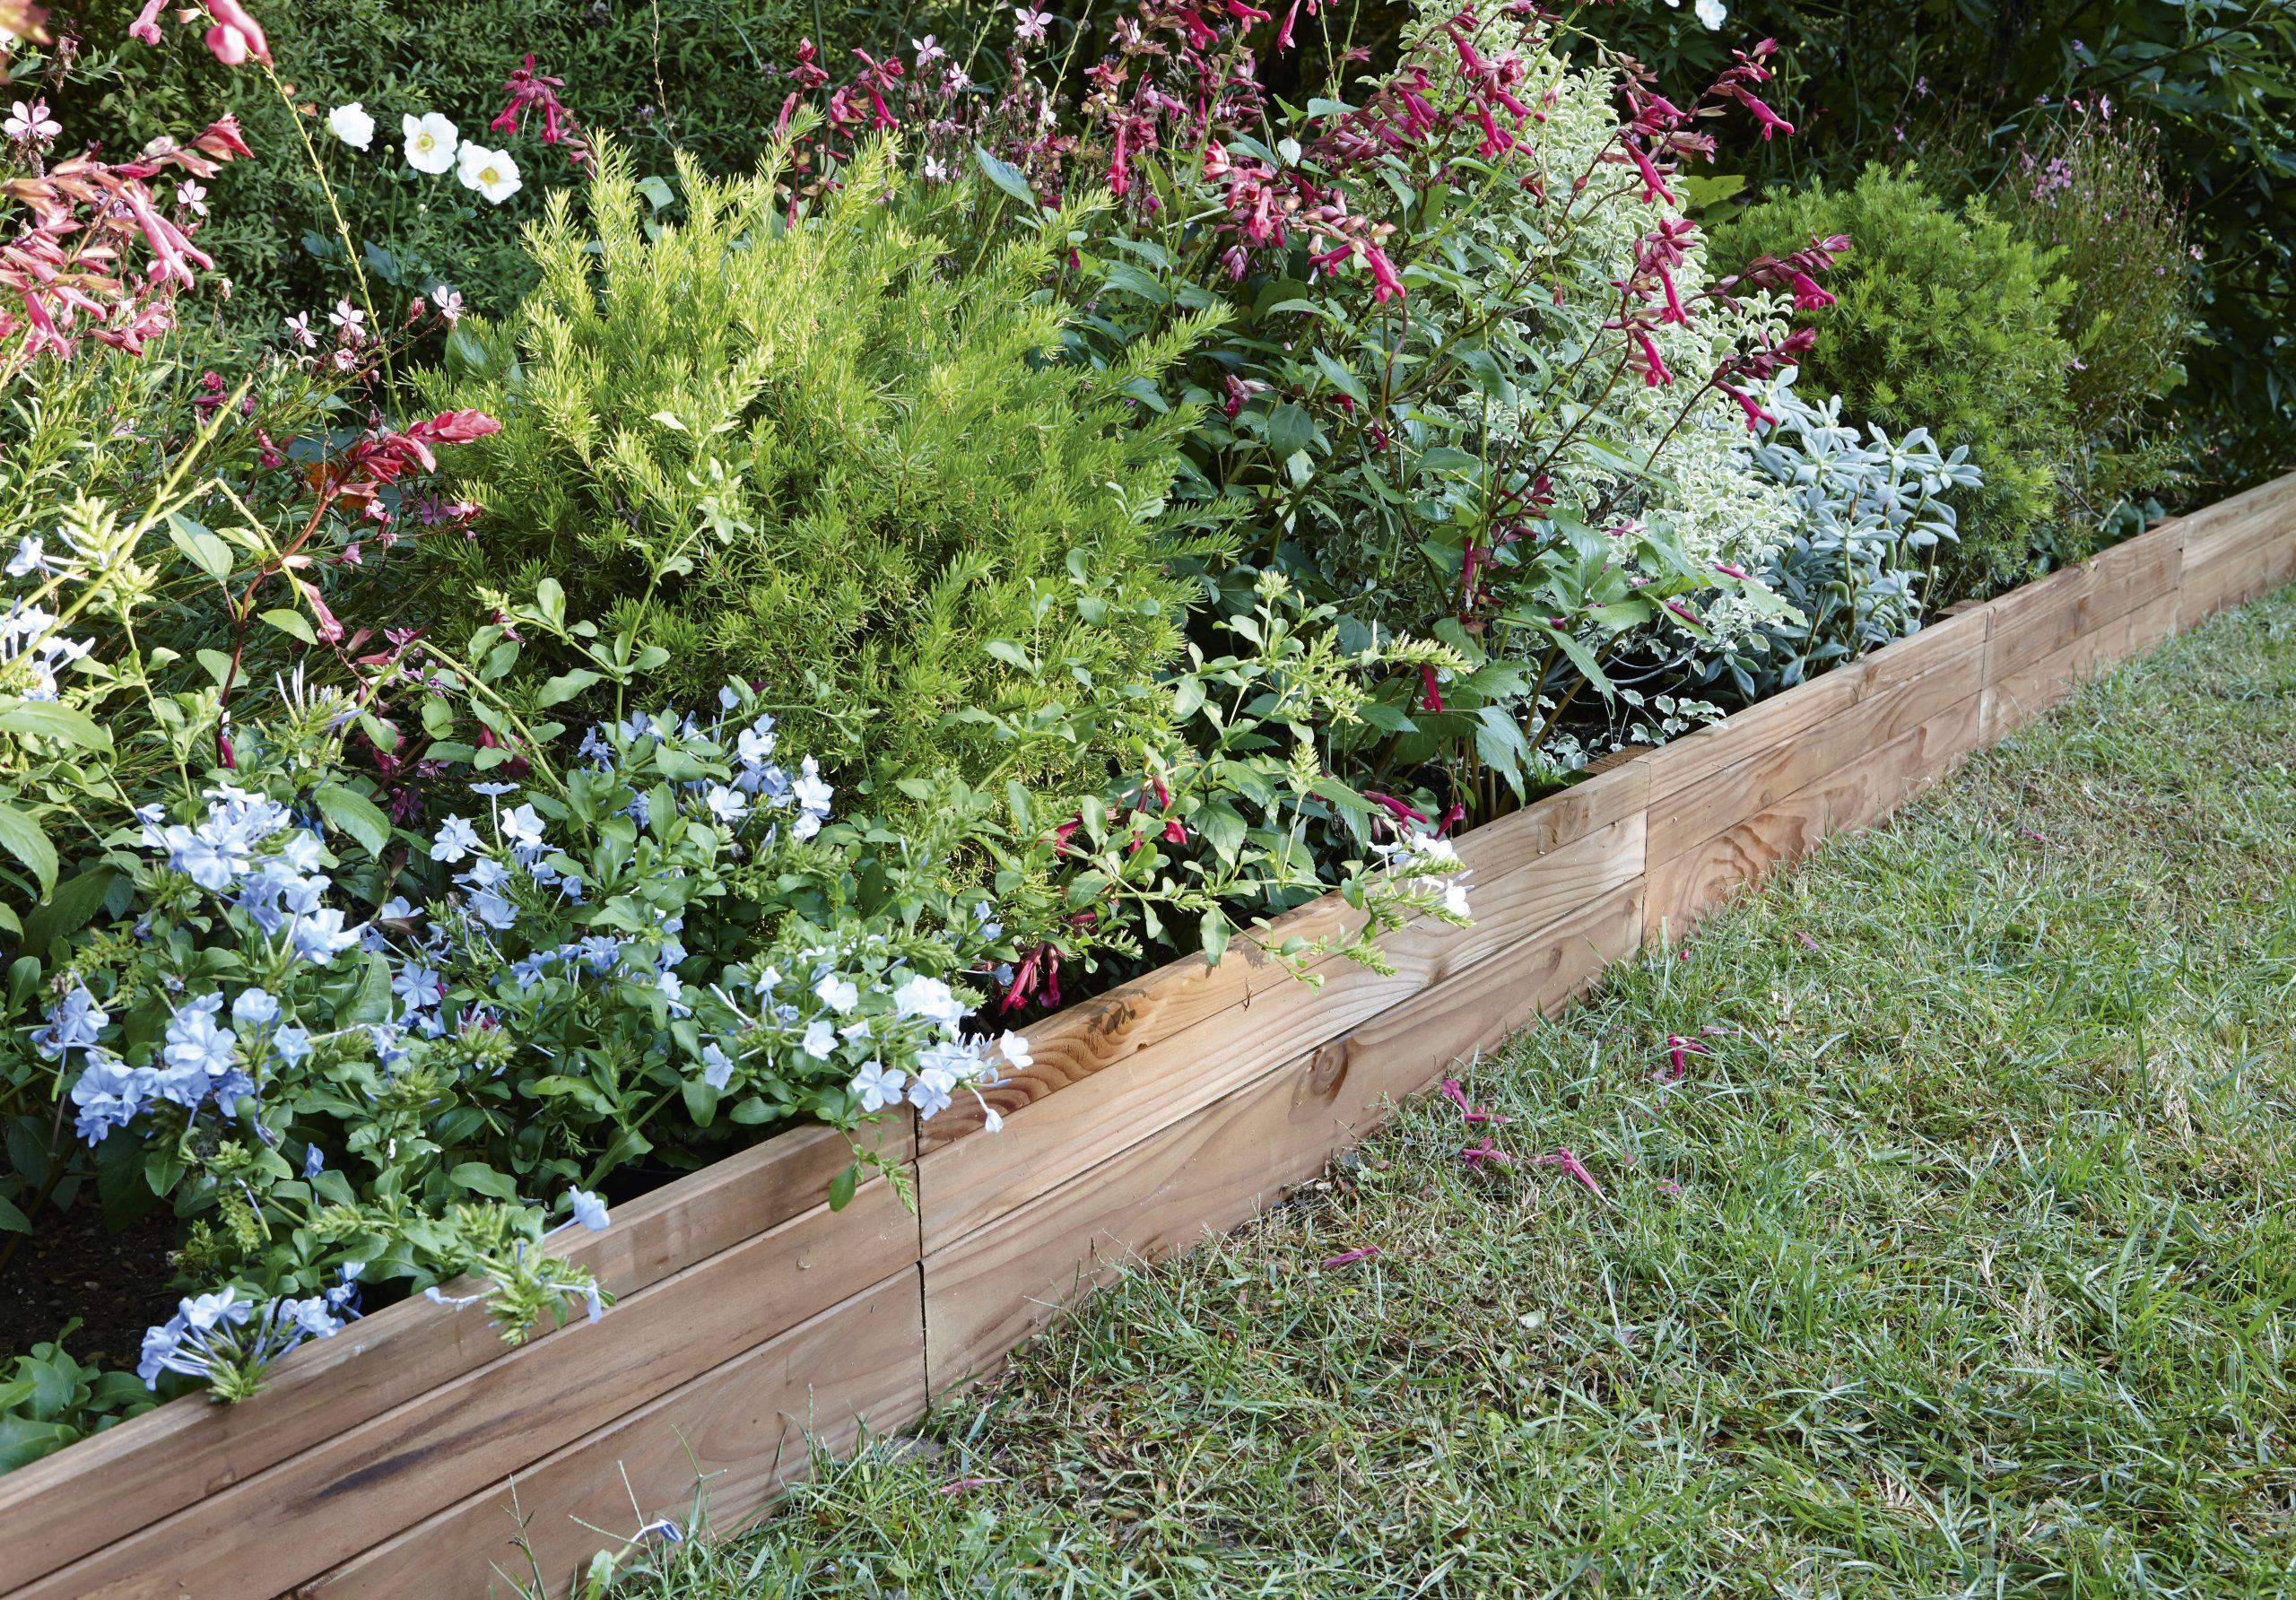 Bordure À Planter Douglas Bois Marron, H.45 X L.90 Cm tout Bordure Bois Pour Jardin